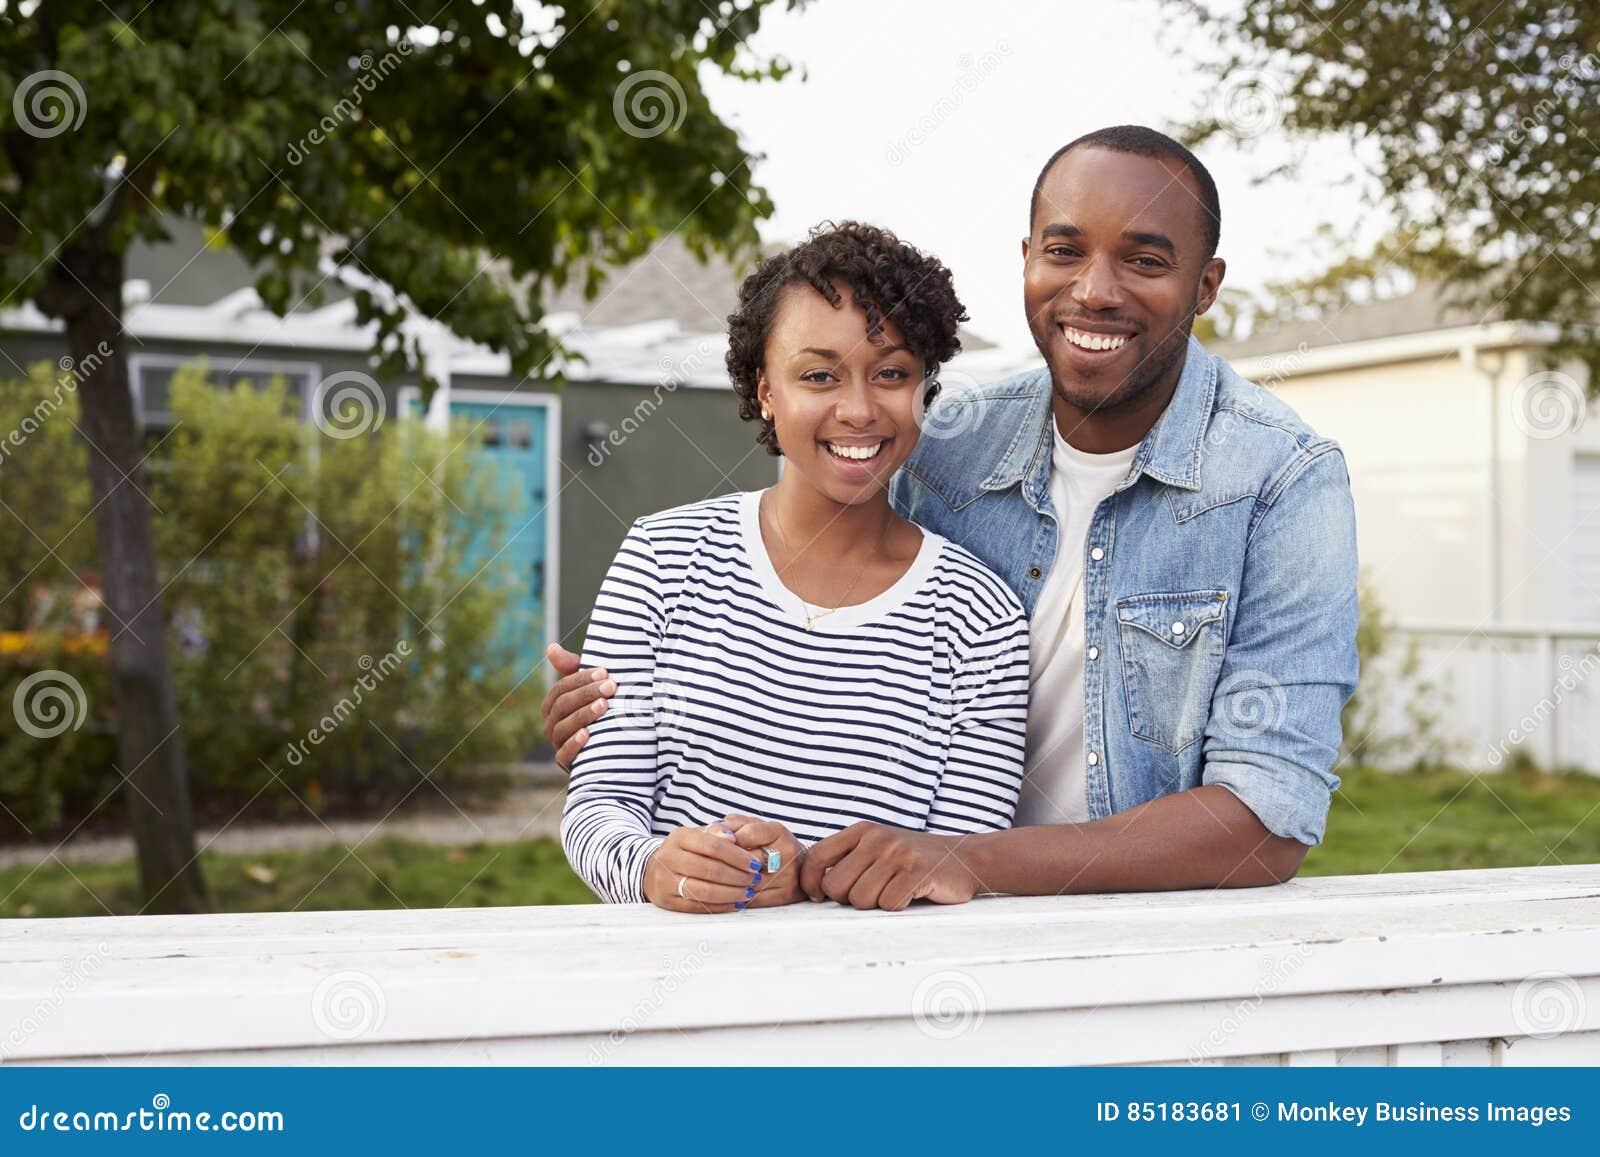 Афро-американские пары смотрят к камере вне их дома